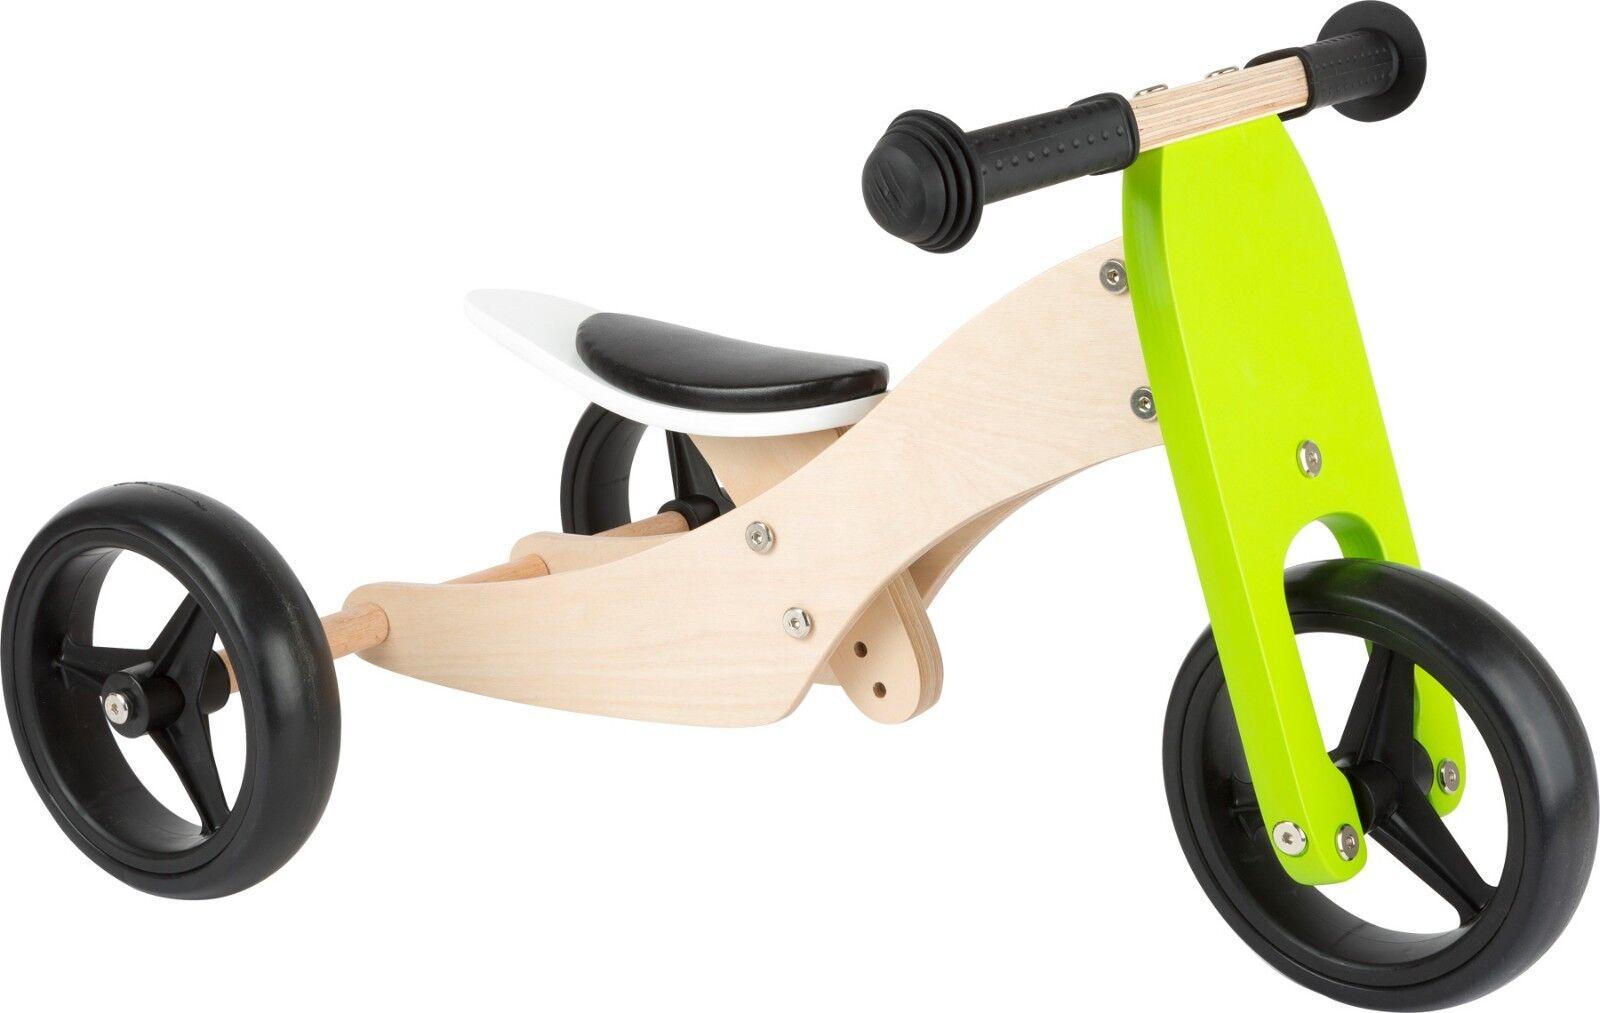 Lauflern-Dreirad Trike 2 in 1 Holz Dreirad ca.64 x 41 x 37 cm Sitzhöhe ca. 23 cm